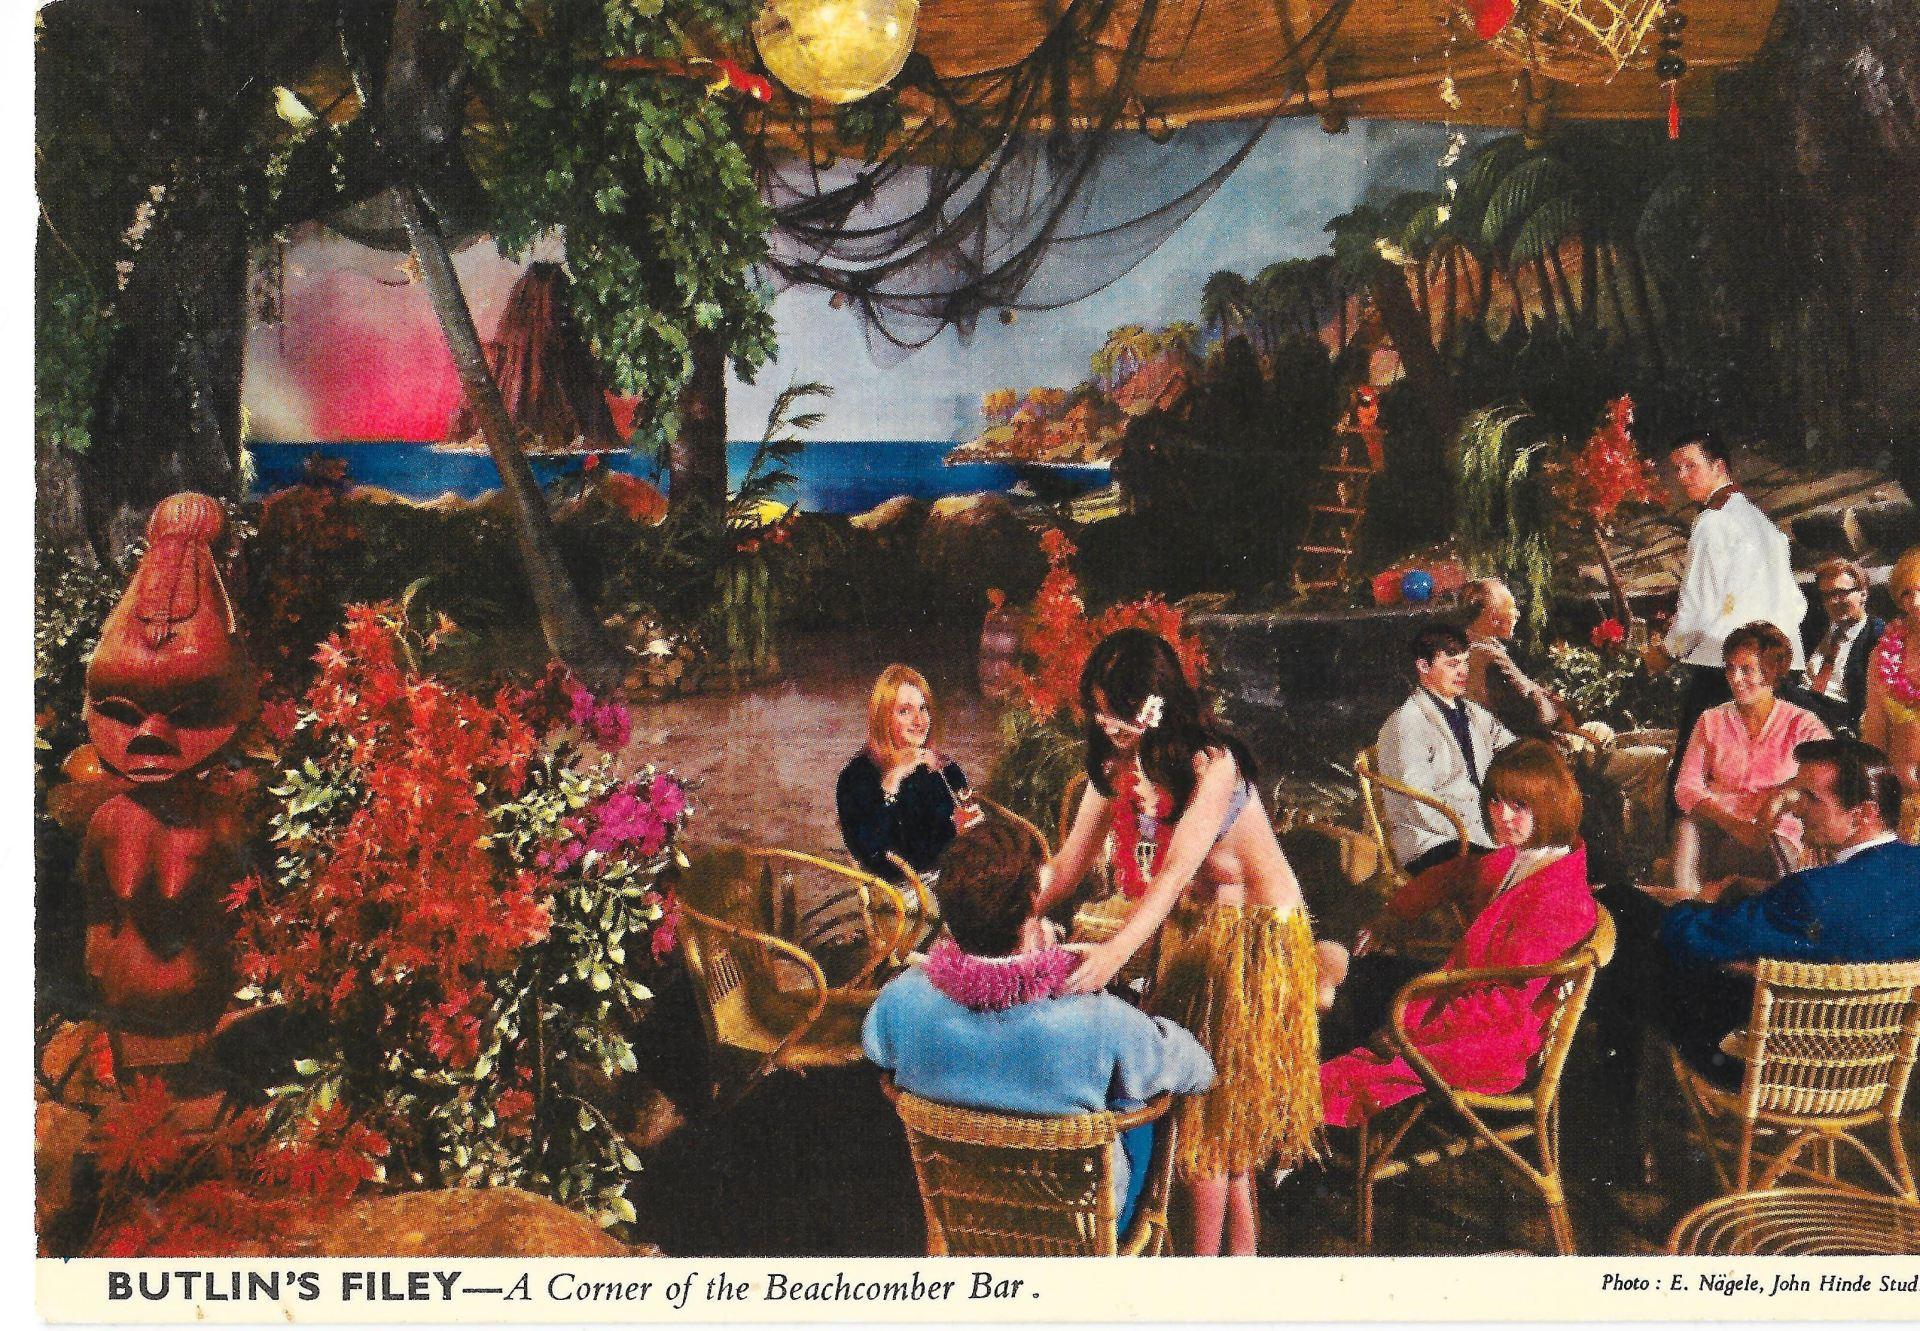 Butlin's Beachcomber Bar in Filey